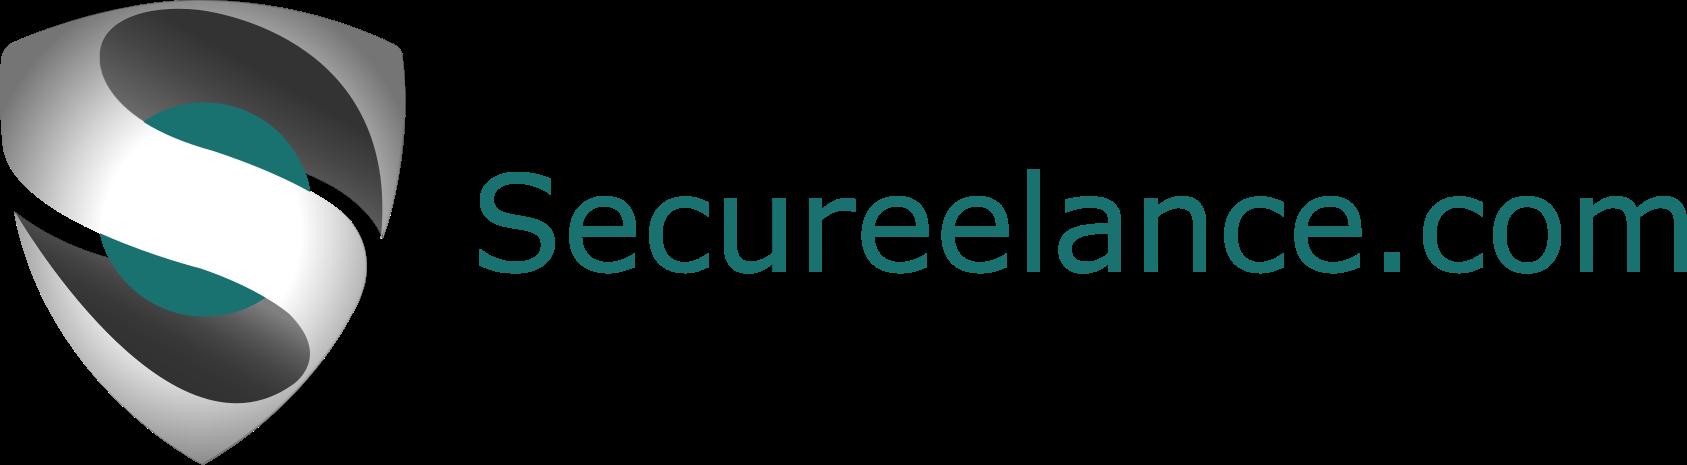 secureelance